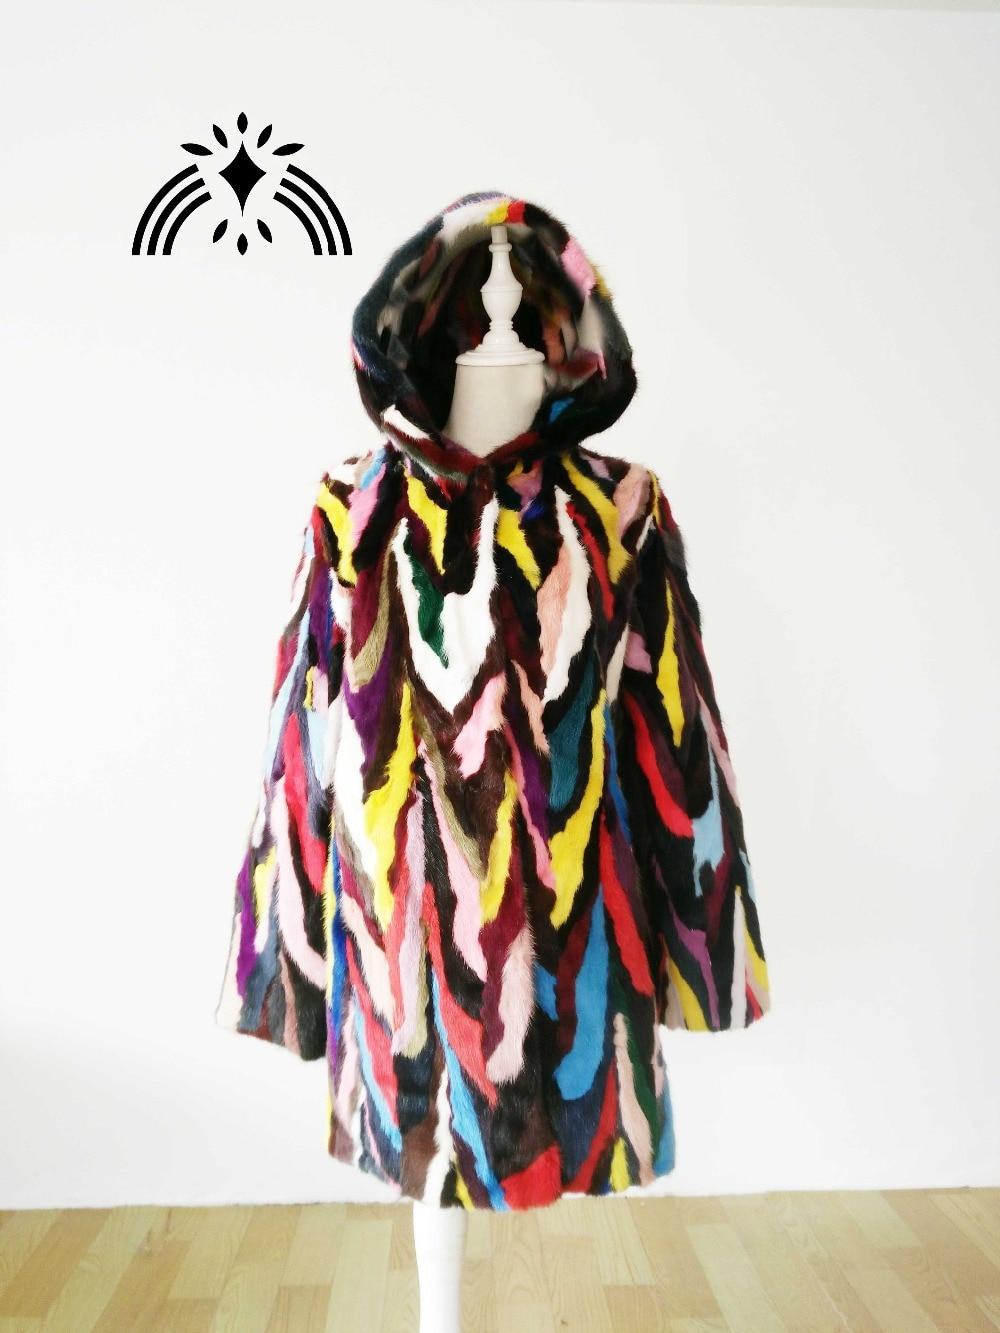 Vison Manteau Veste De Sizse Réel Nouveau Fourrure Avec Naturel Multicolore Coloré Toute Femmes Personnalisé Véritable Longueur Mode Capuche xnCOYw